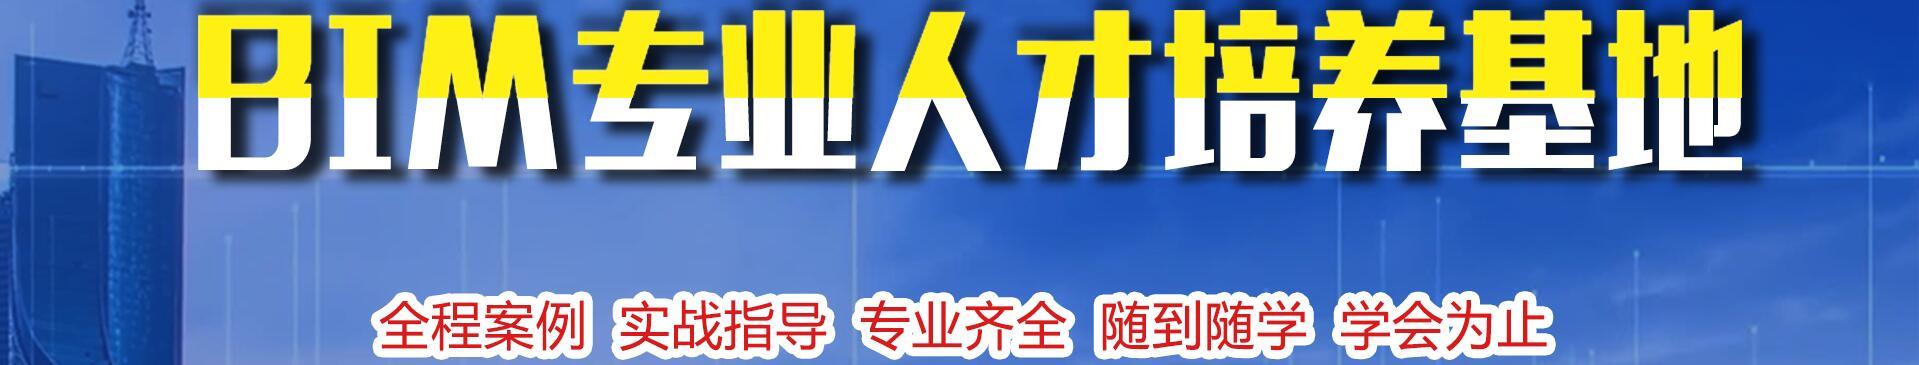 上海绿洲同济BIM培训学校